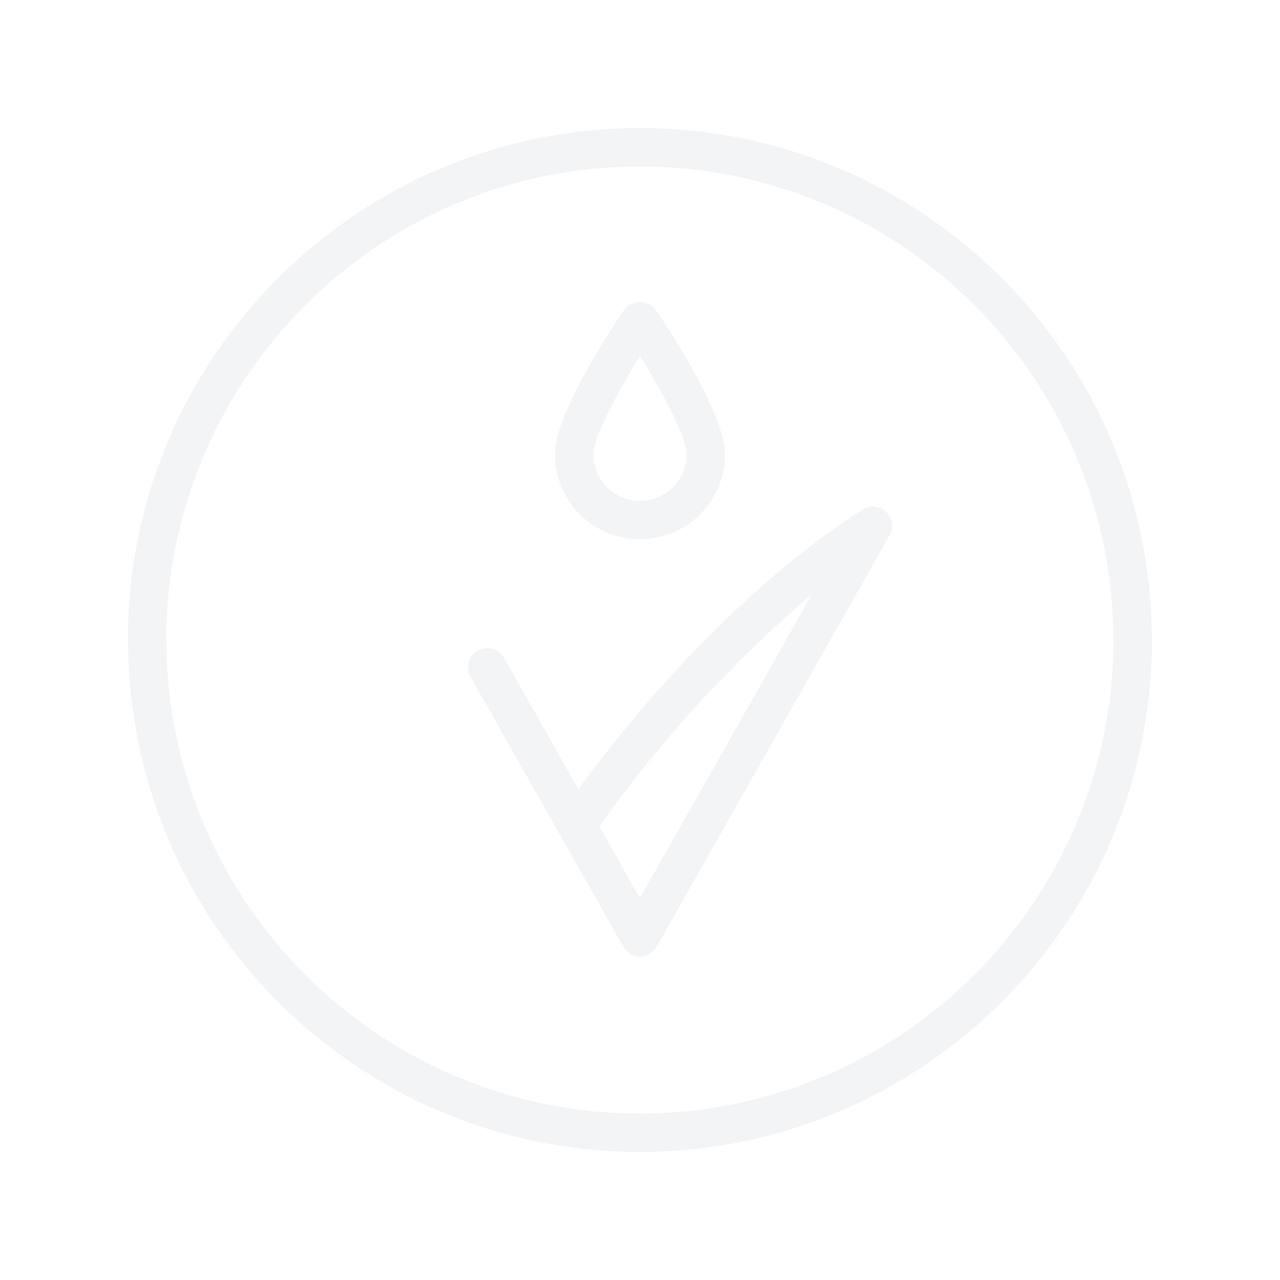 TONYMOLY Egg Pore Silky Smooth Balm 20g